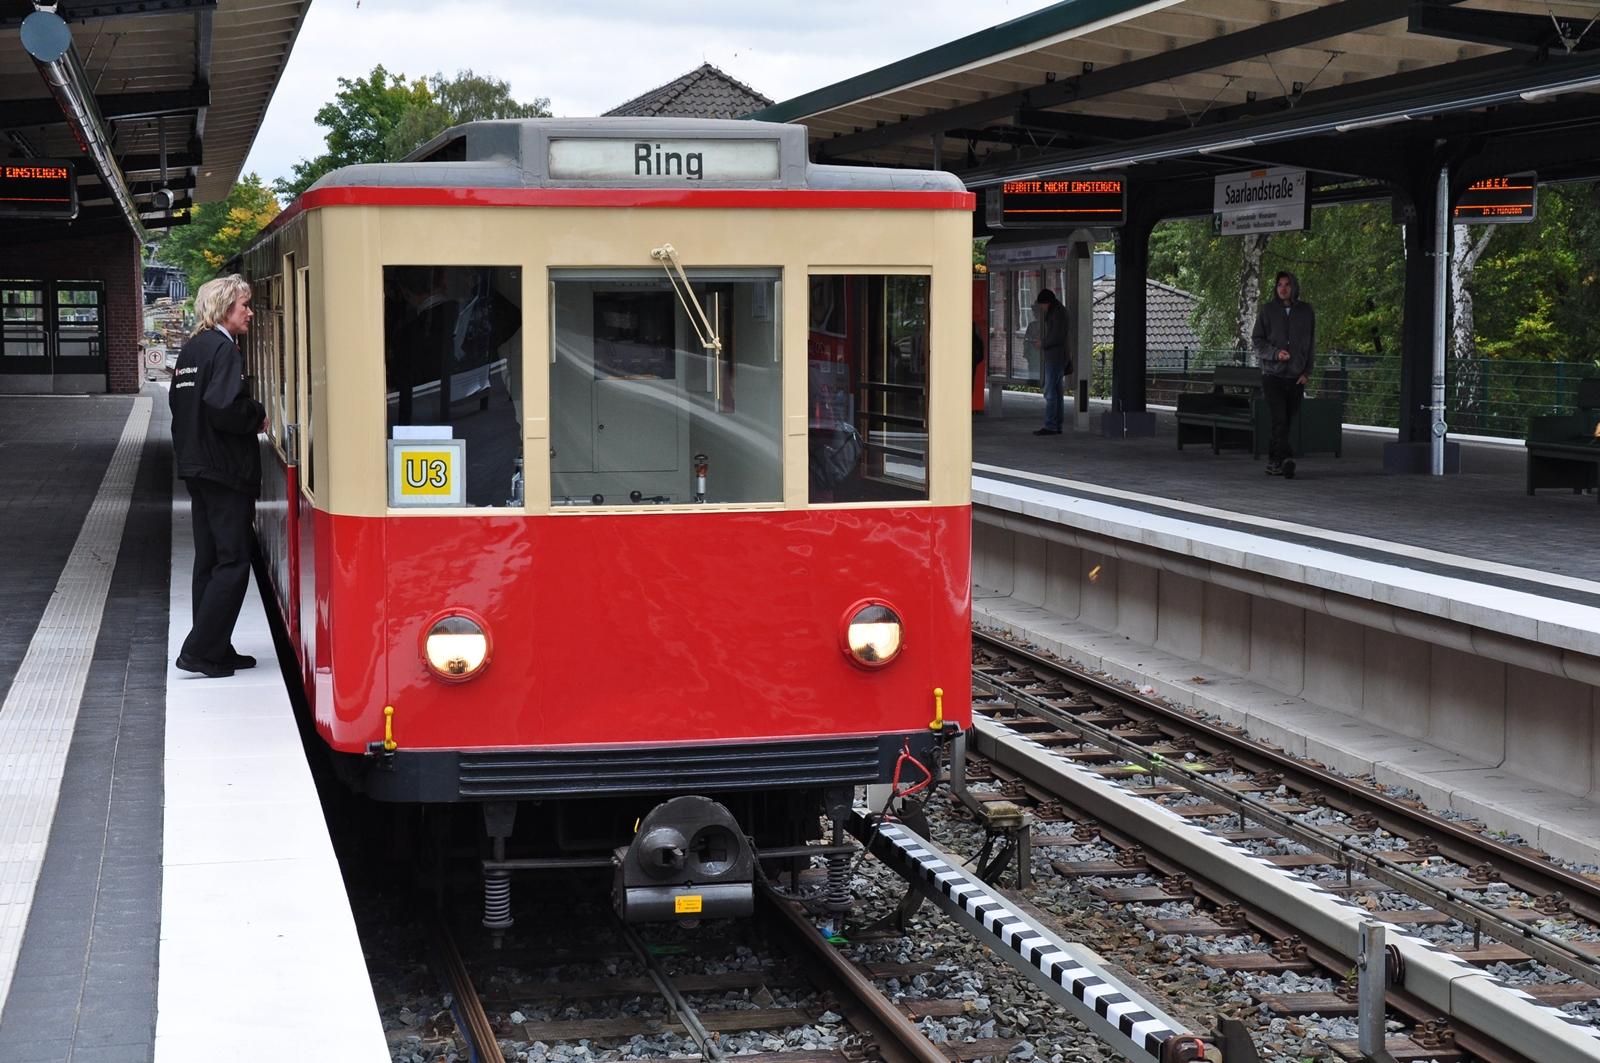 Zeitreise in einer historischen U-Bahn während der Fahrzeugparade...